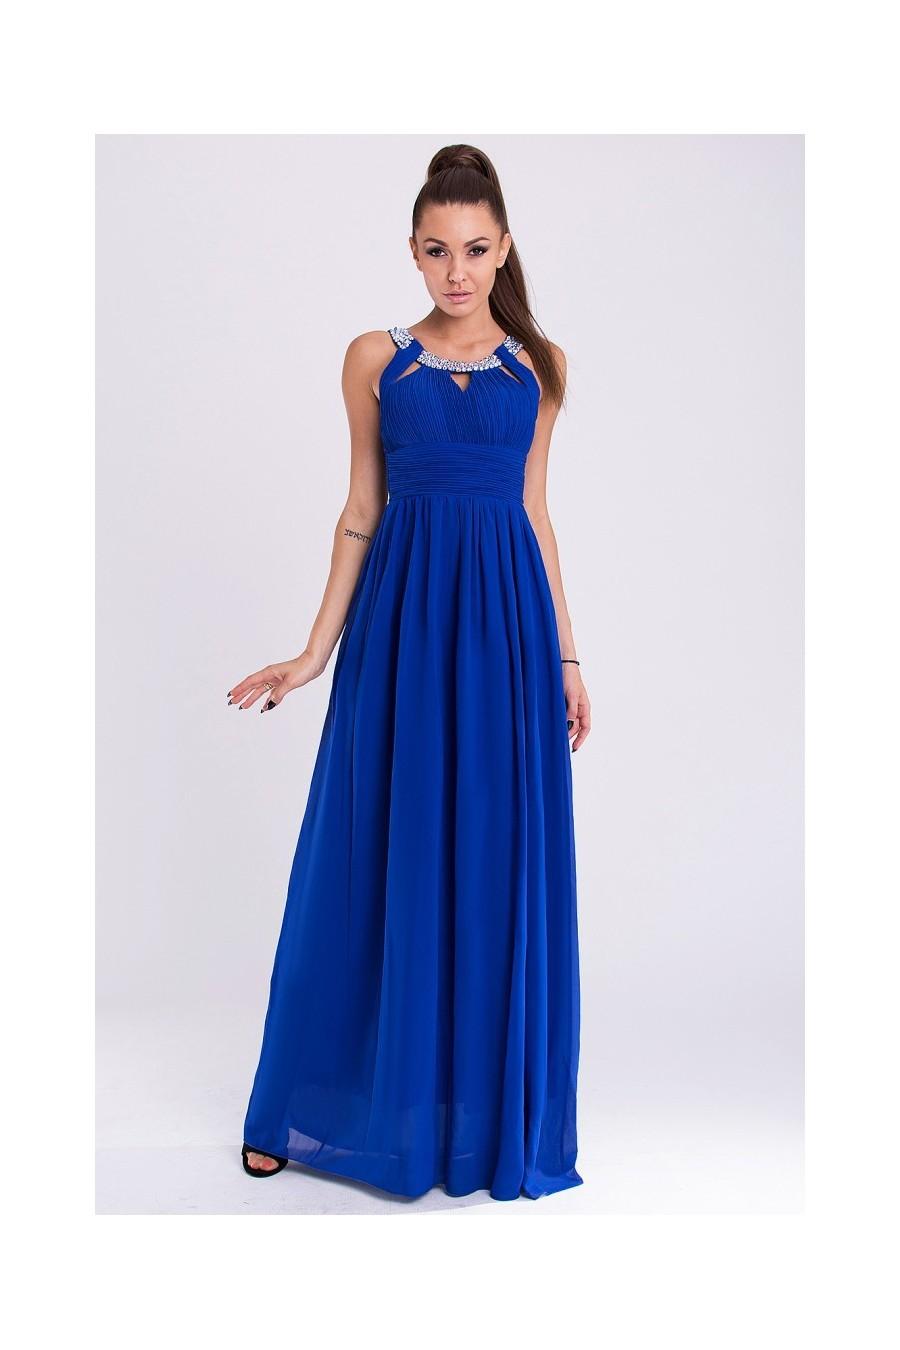 Spoločenské šaty 2658